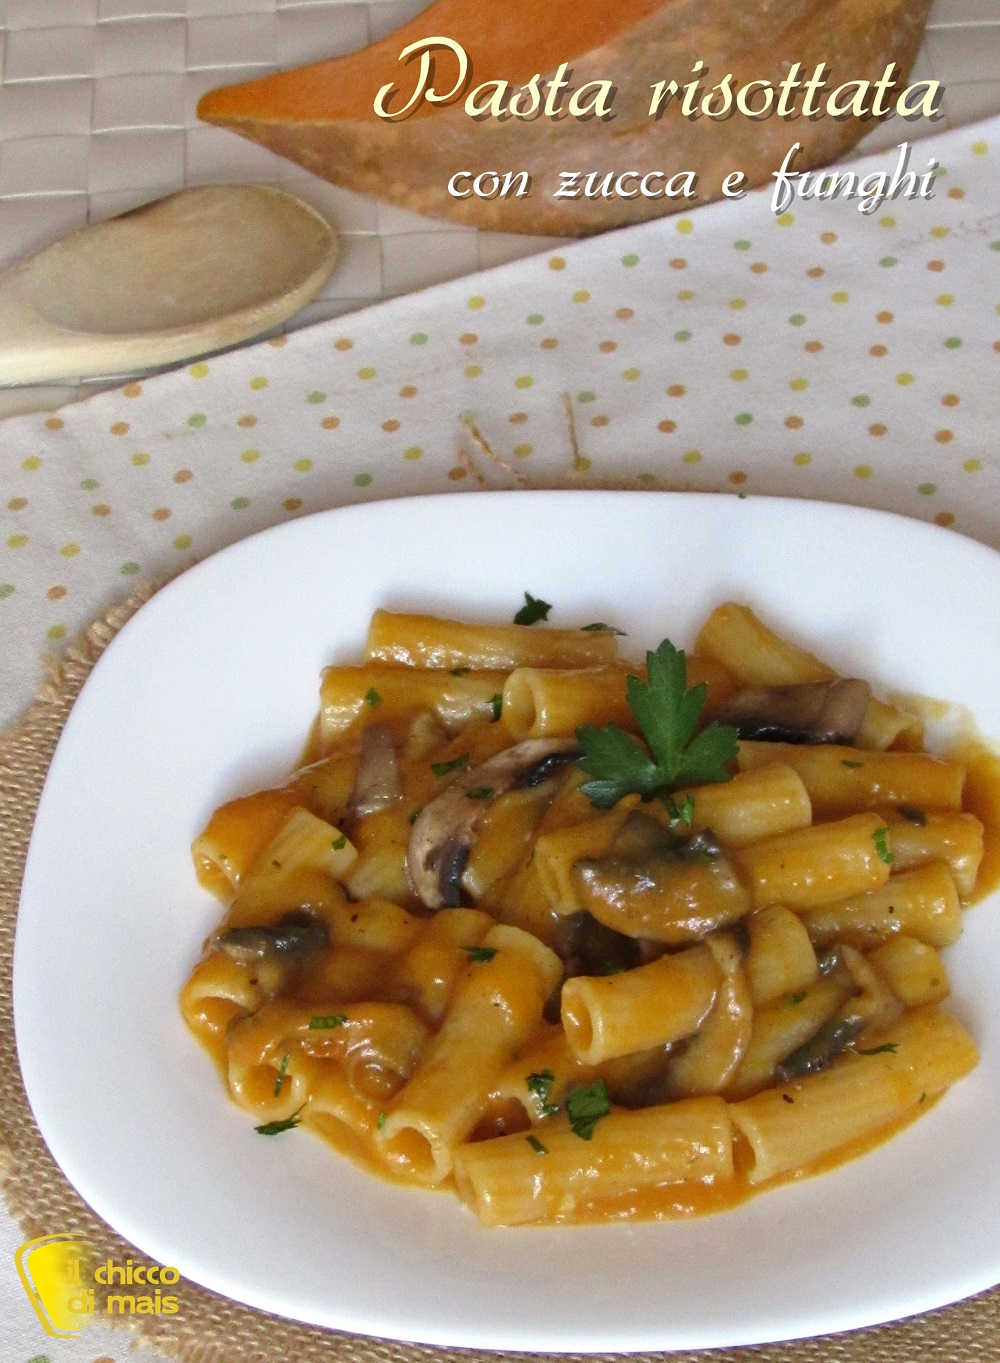 verticale_pasta risottata con zucca e funghi ricetta facile pasta con zucca cremosa il chicco di mais